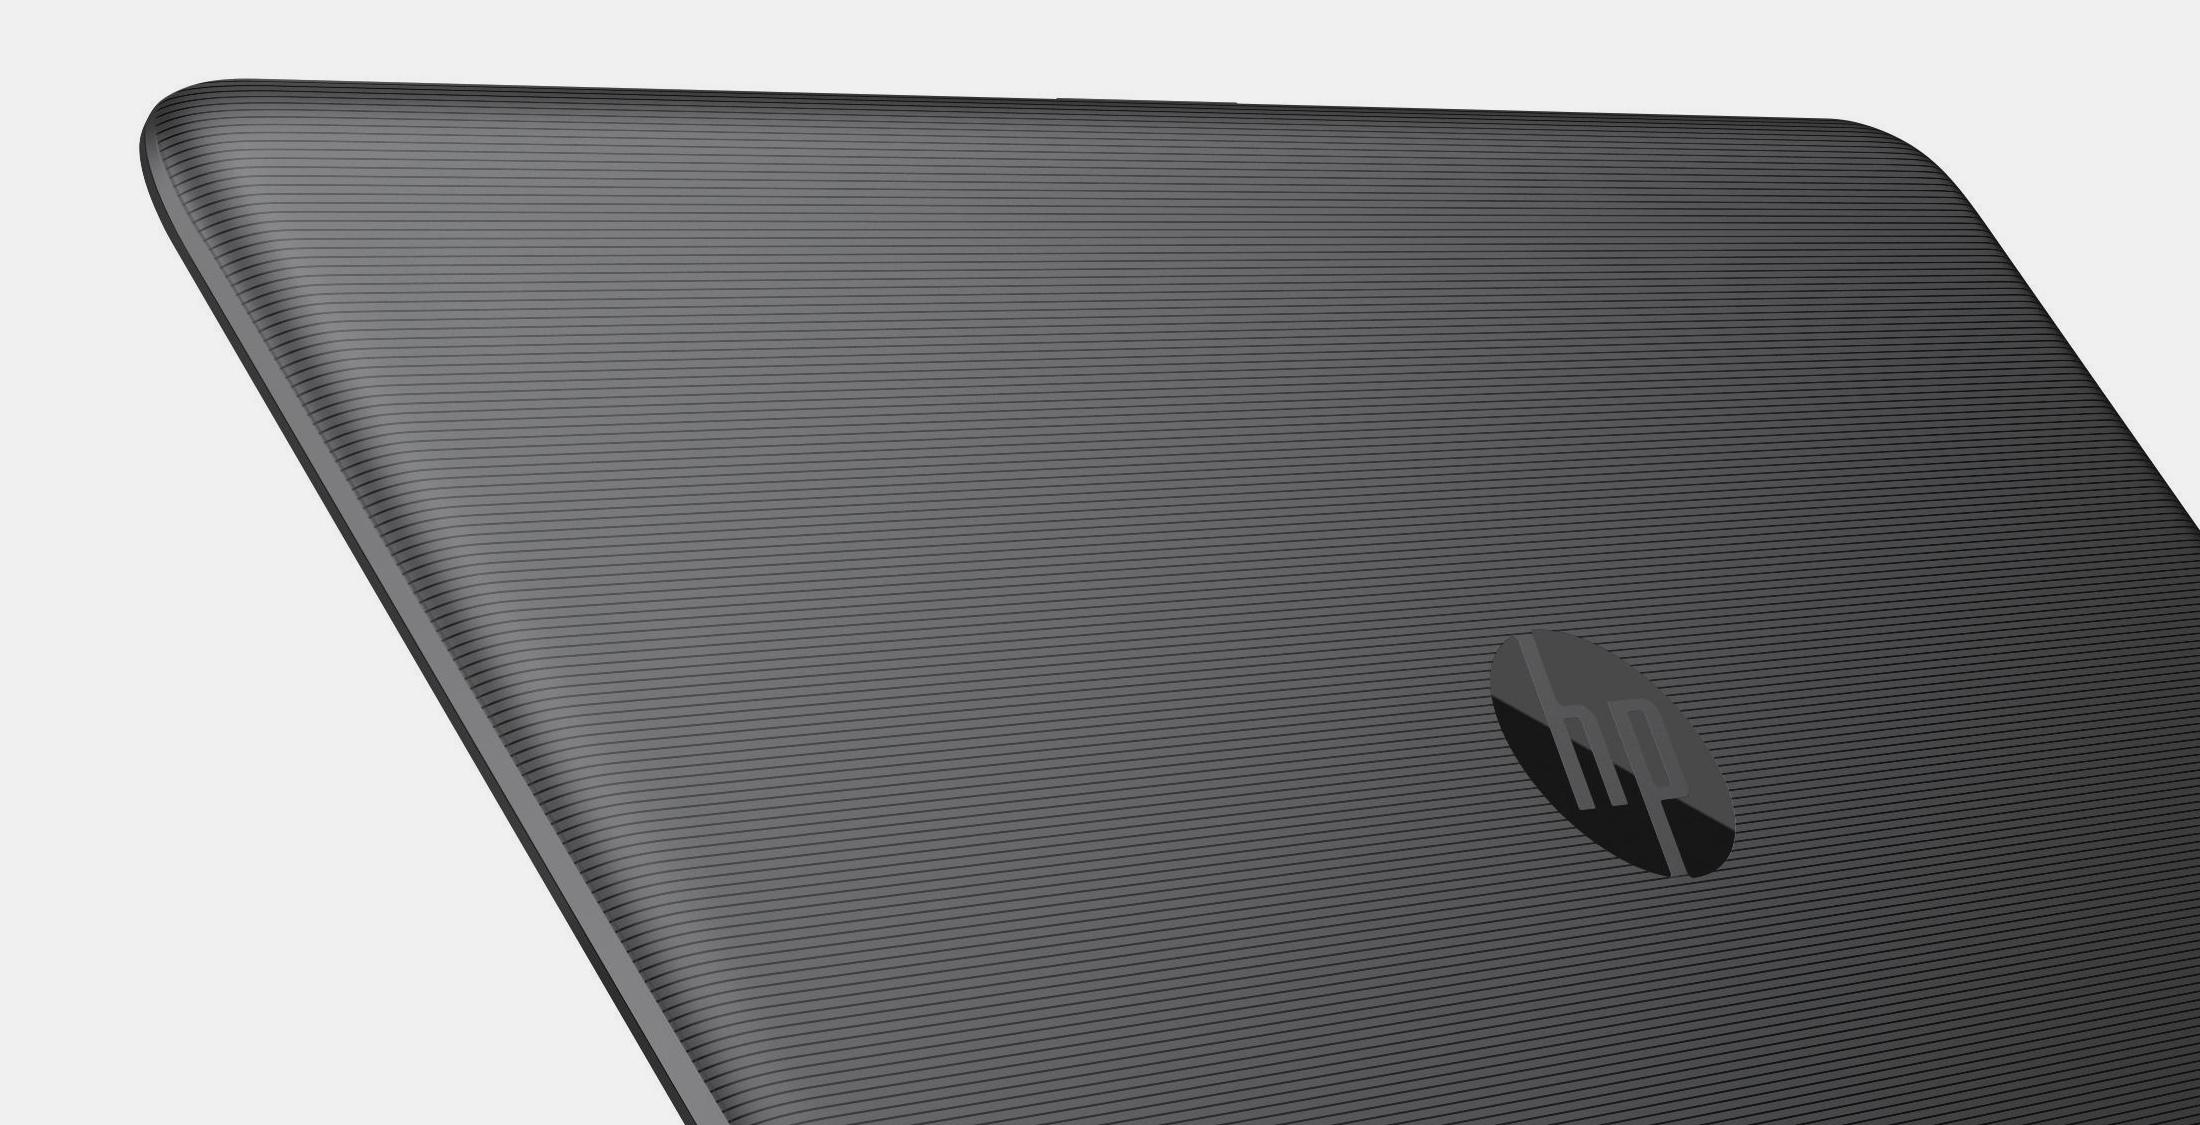 Imagem de Bateria de notebook pode pegar fogo e HP expande recall; veja modelos no tecmundo